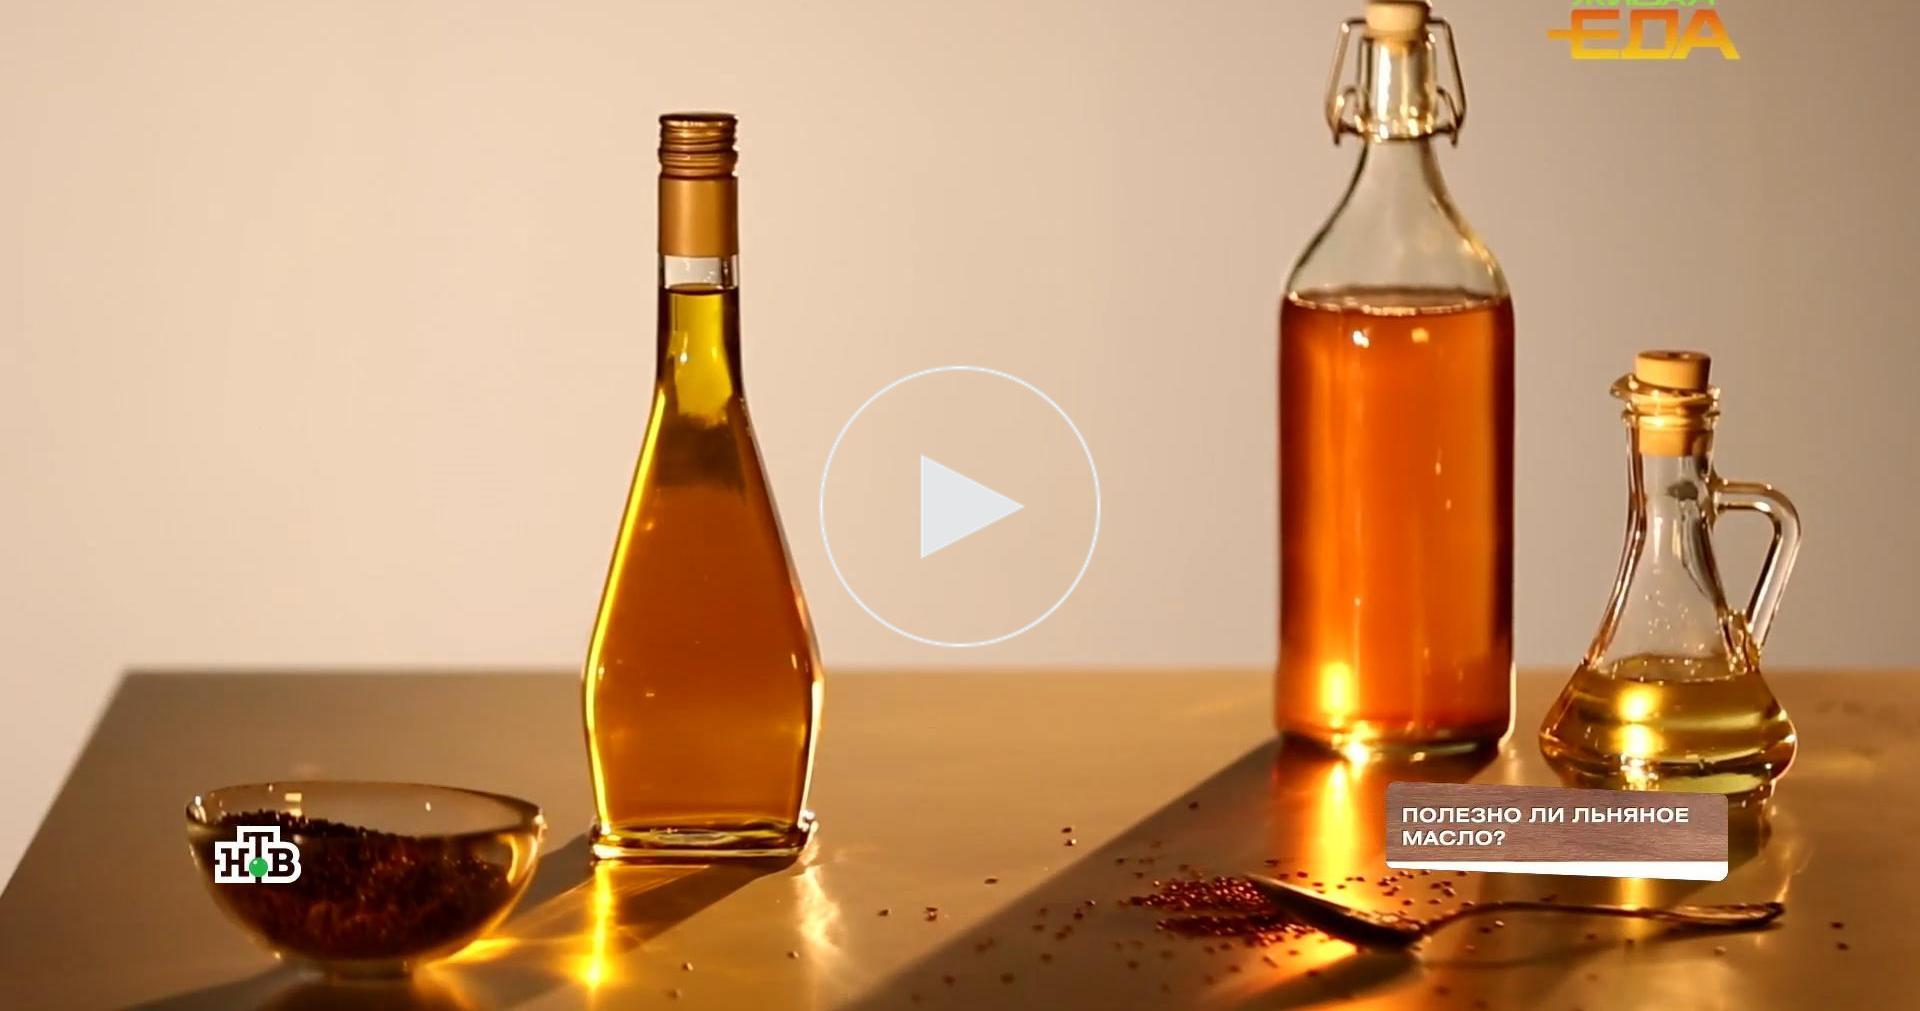 Полезноли льняное масло?